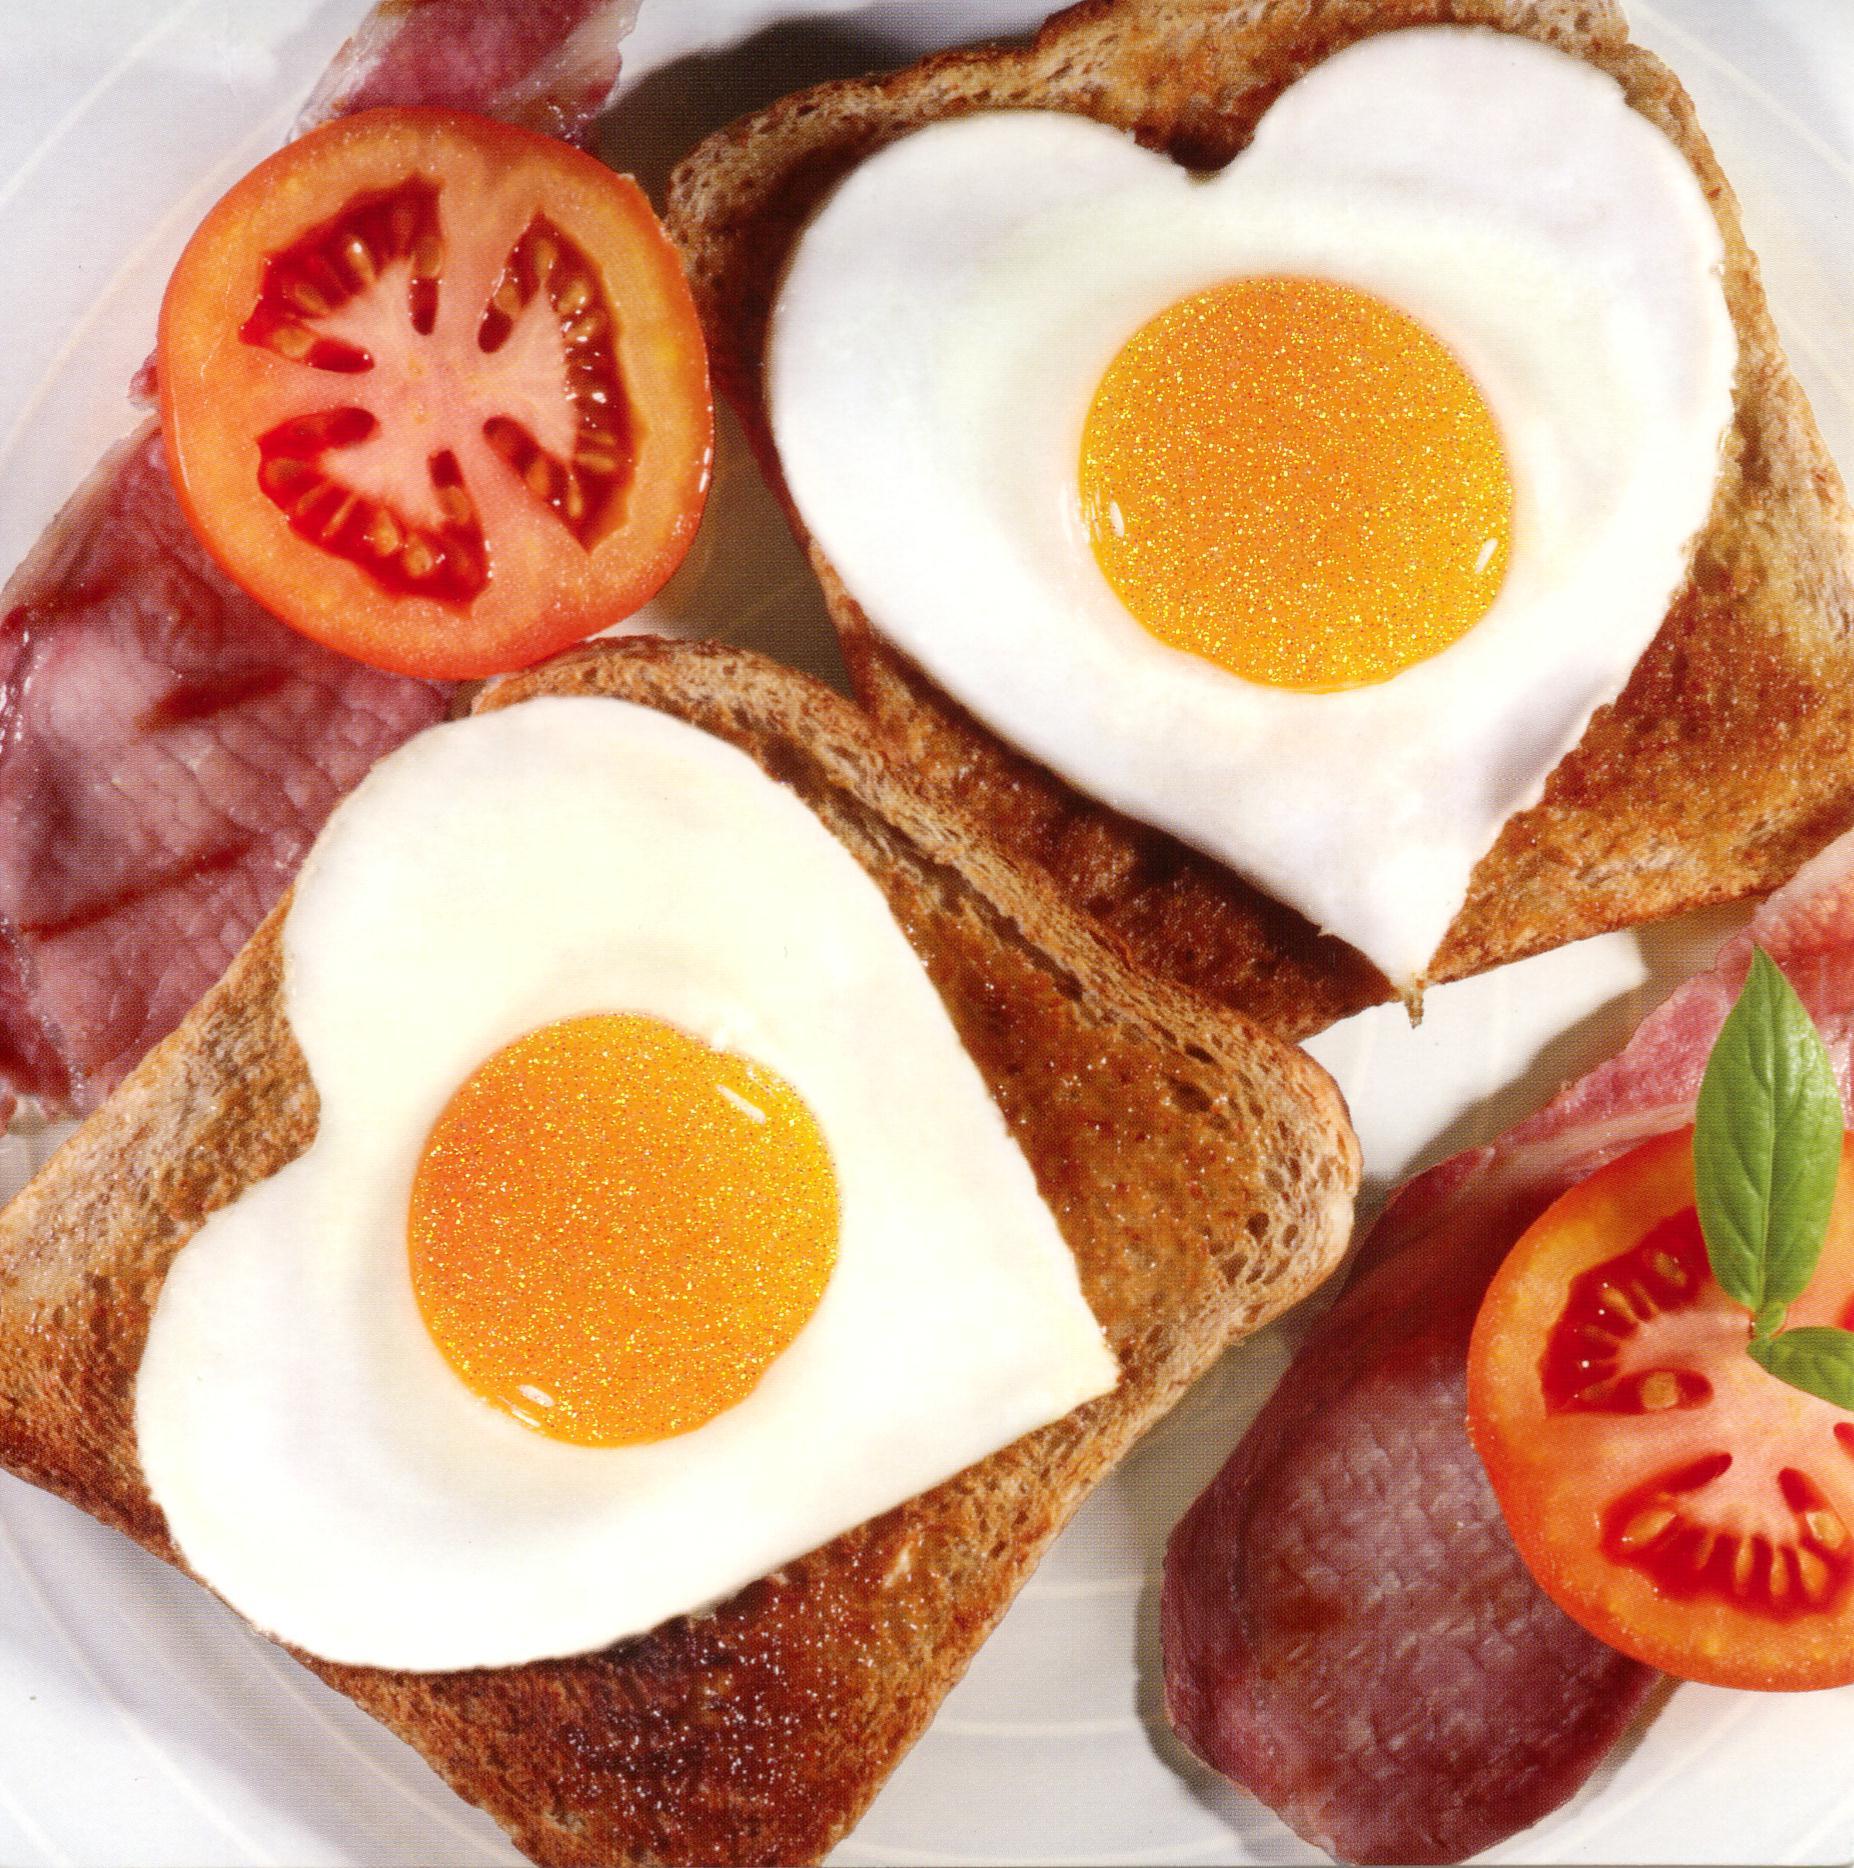 Heart Healthy Breakfast Recipes  Heart Healthy Breakfast Ideas By tastymeals